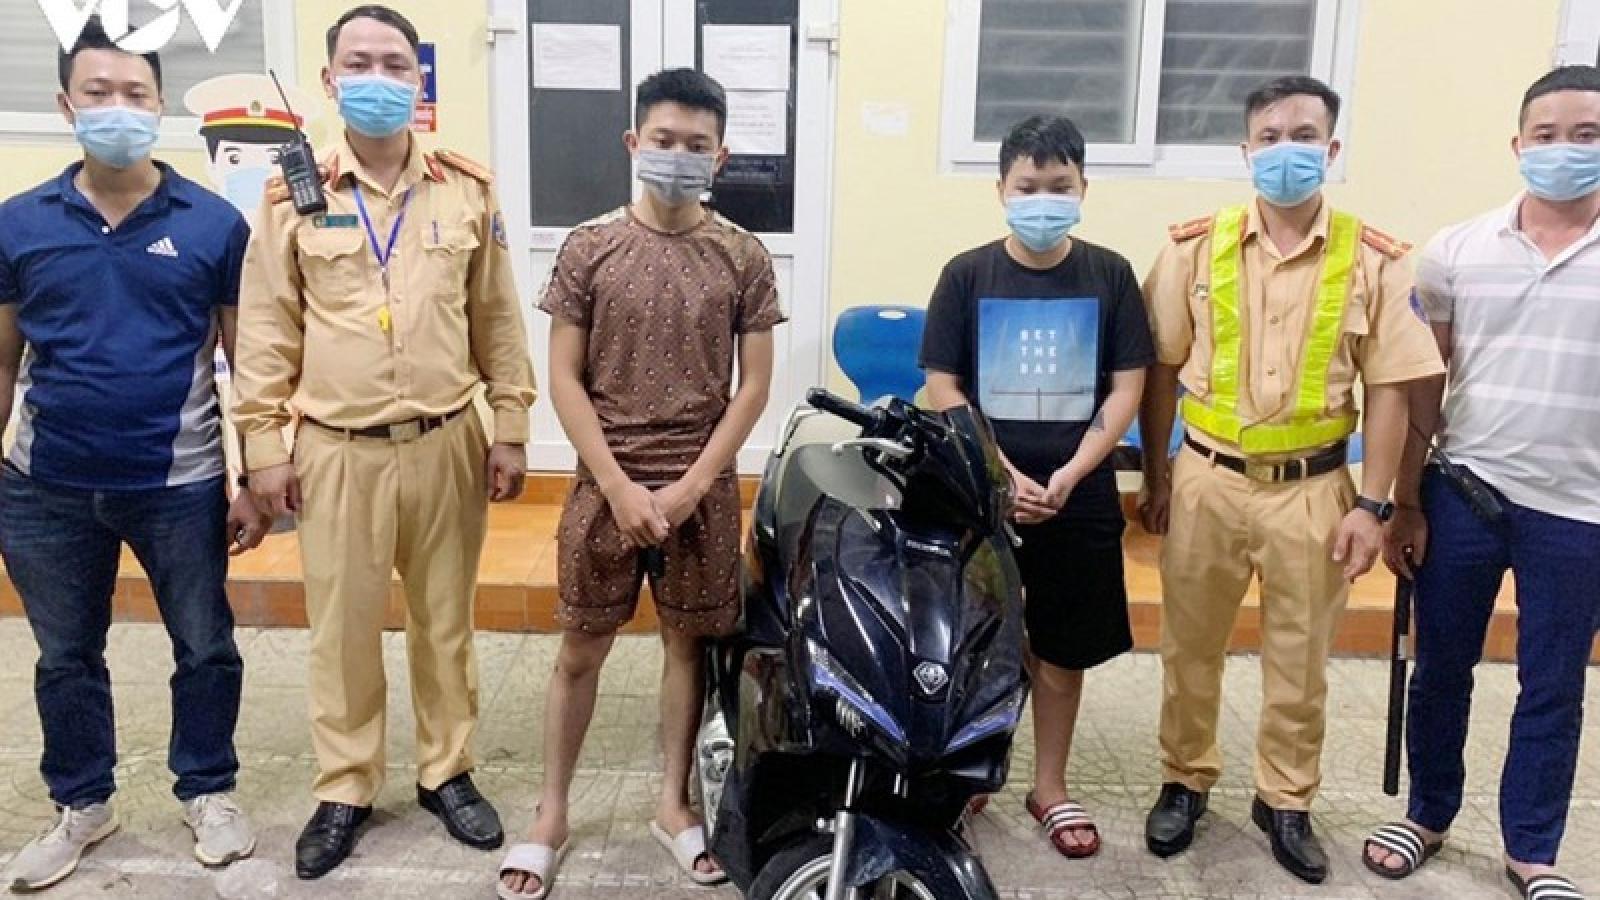 Hải Phòng: Bắt giữ nhóm quái xế lái xe lạng lách đánh võng trên phố